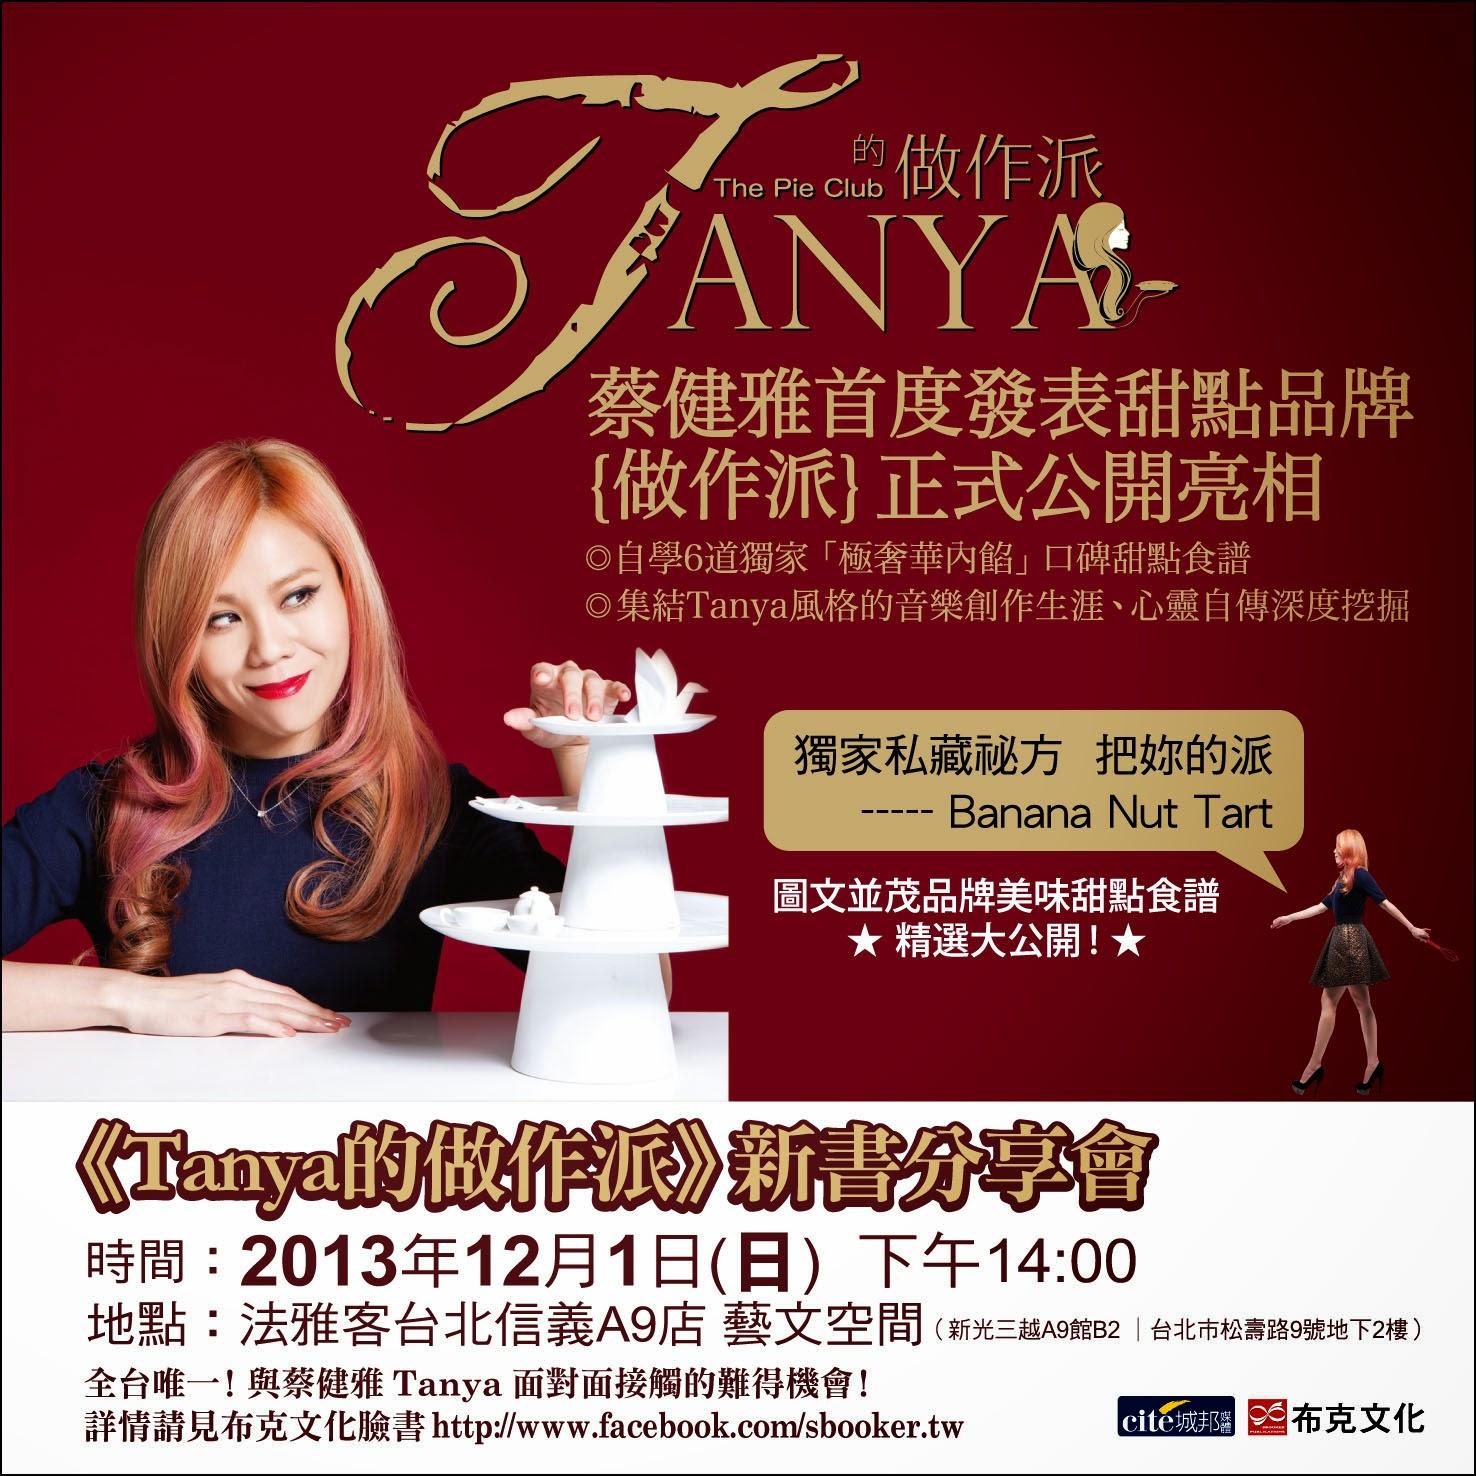 讓我們{布克}在一起: 12/1(日)《Tanya的做作派》蔡健雅新書分享會活動辦法